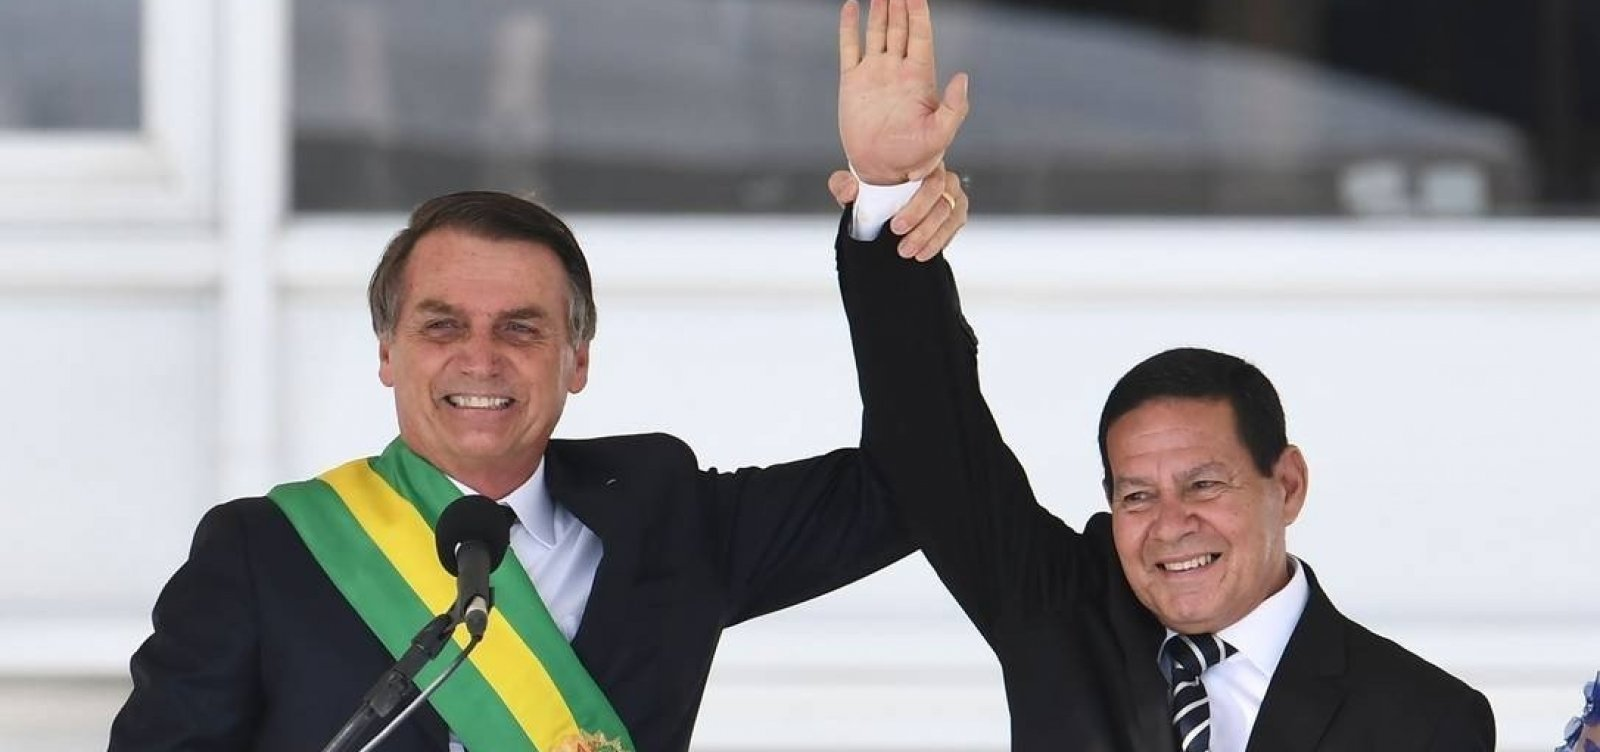 [Bolsonaro sugere que Mourão age como presidente paralelo, diz jornal]